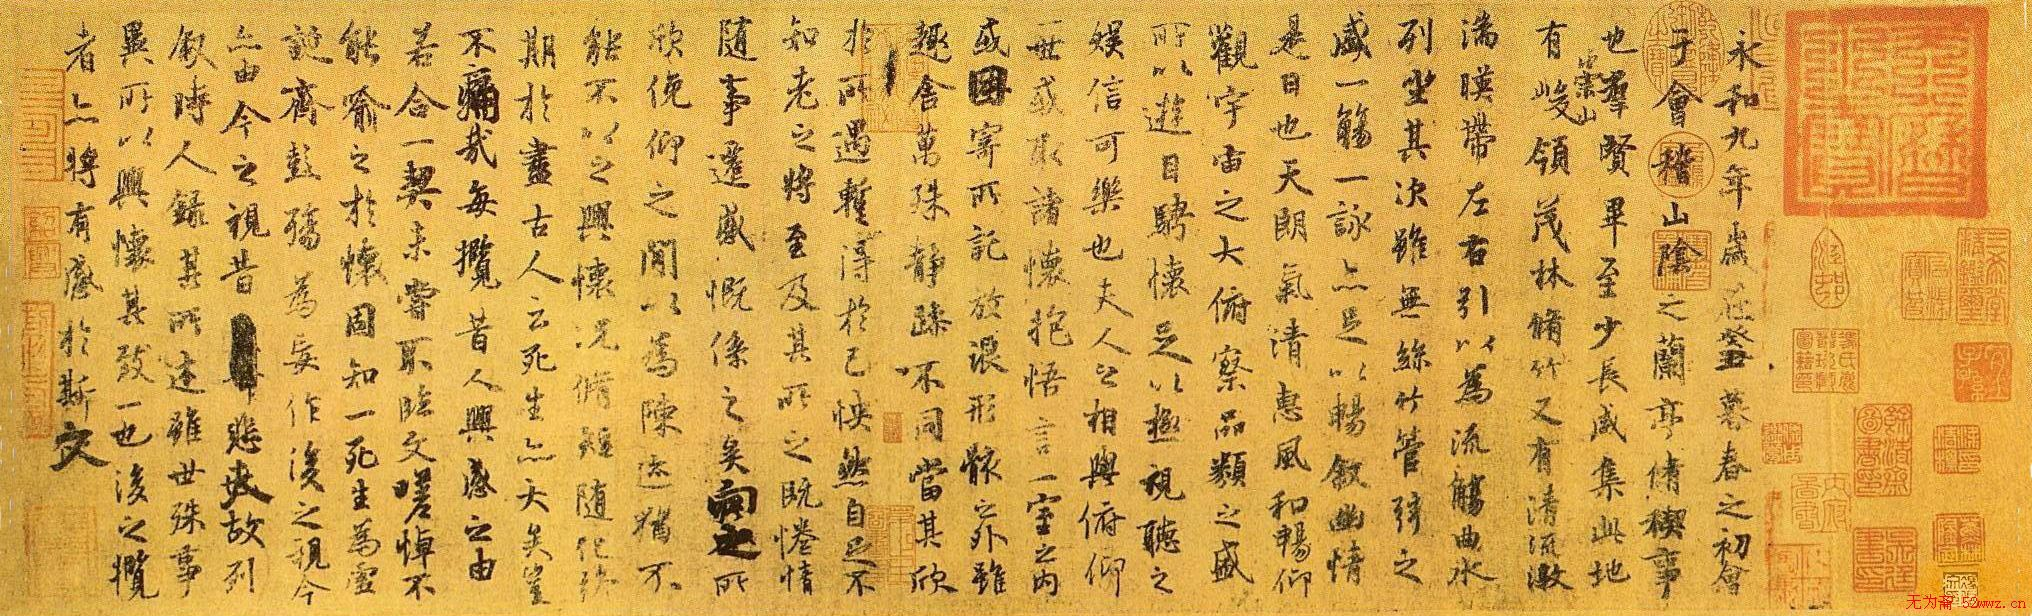 十大传世名帖 王羲之 兰亭序 第2页 兰亭集序 书法欣赏图片